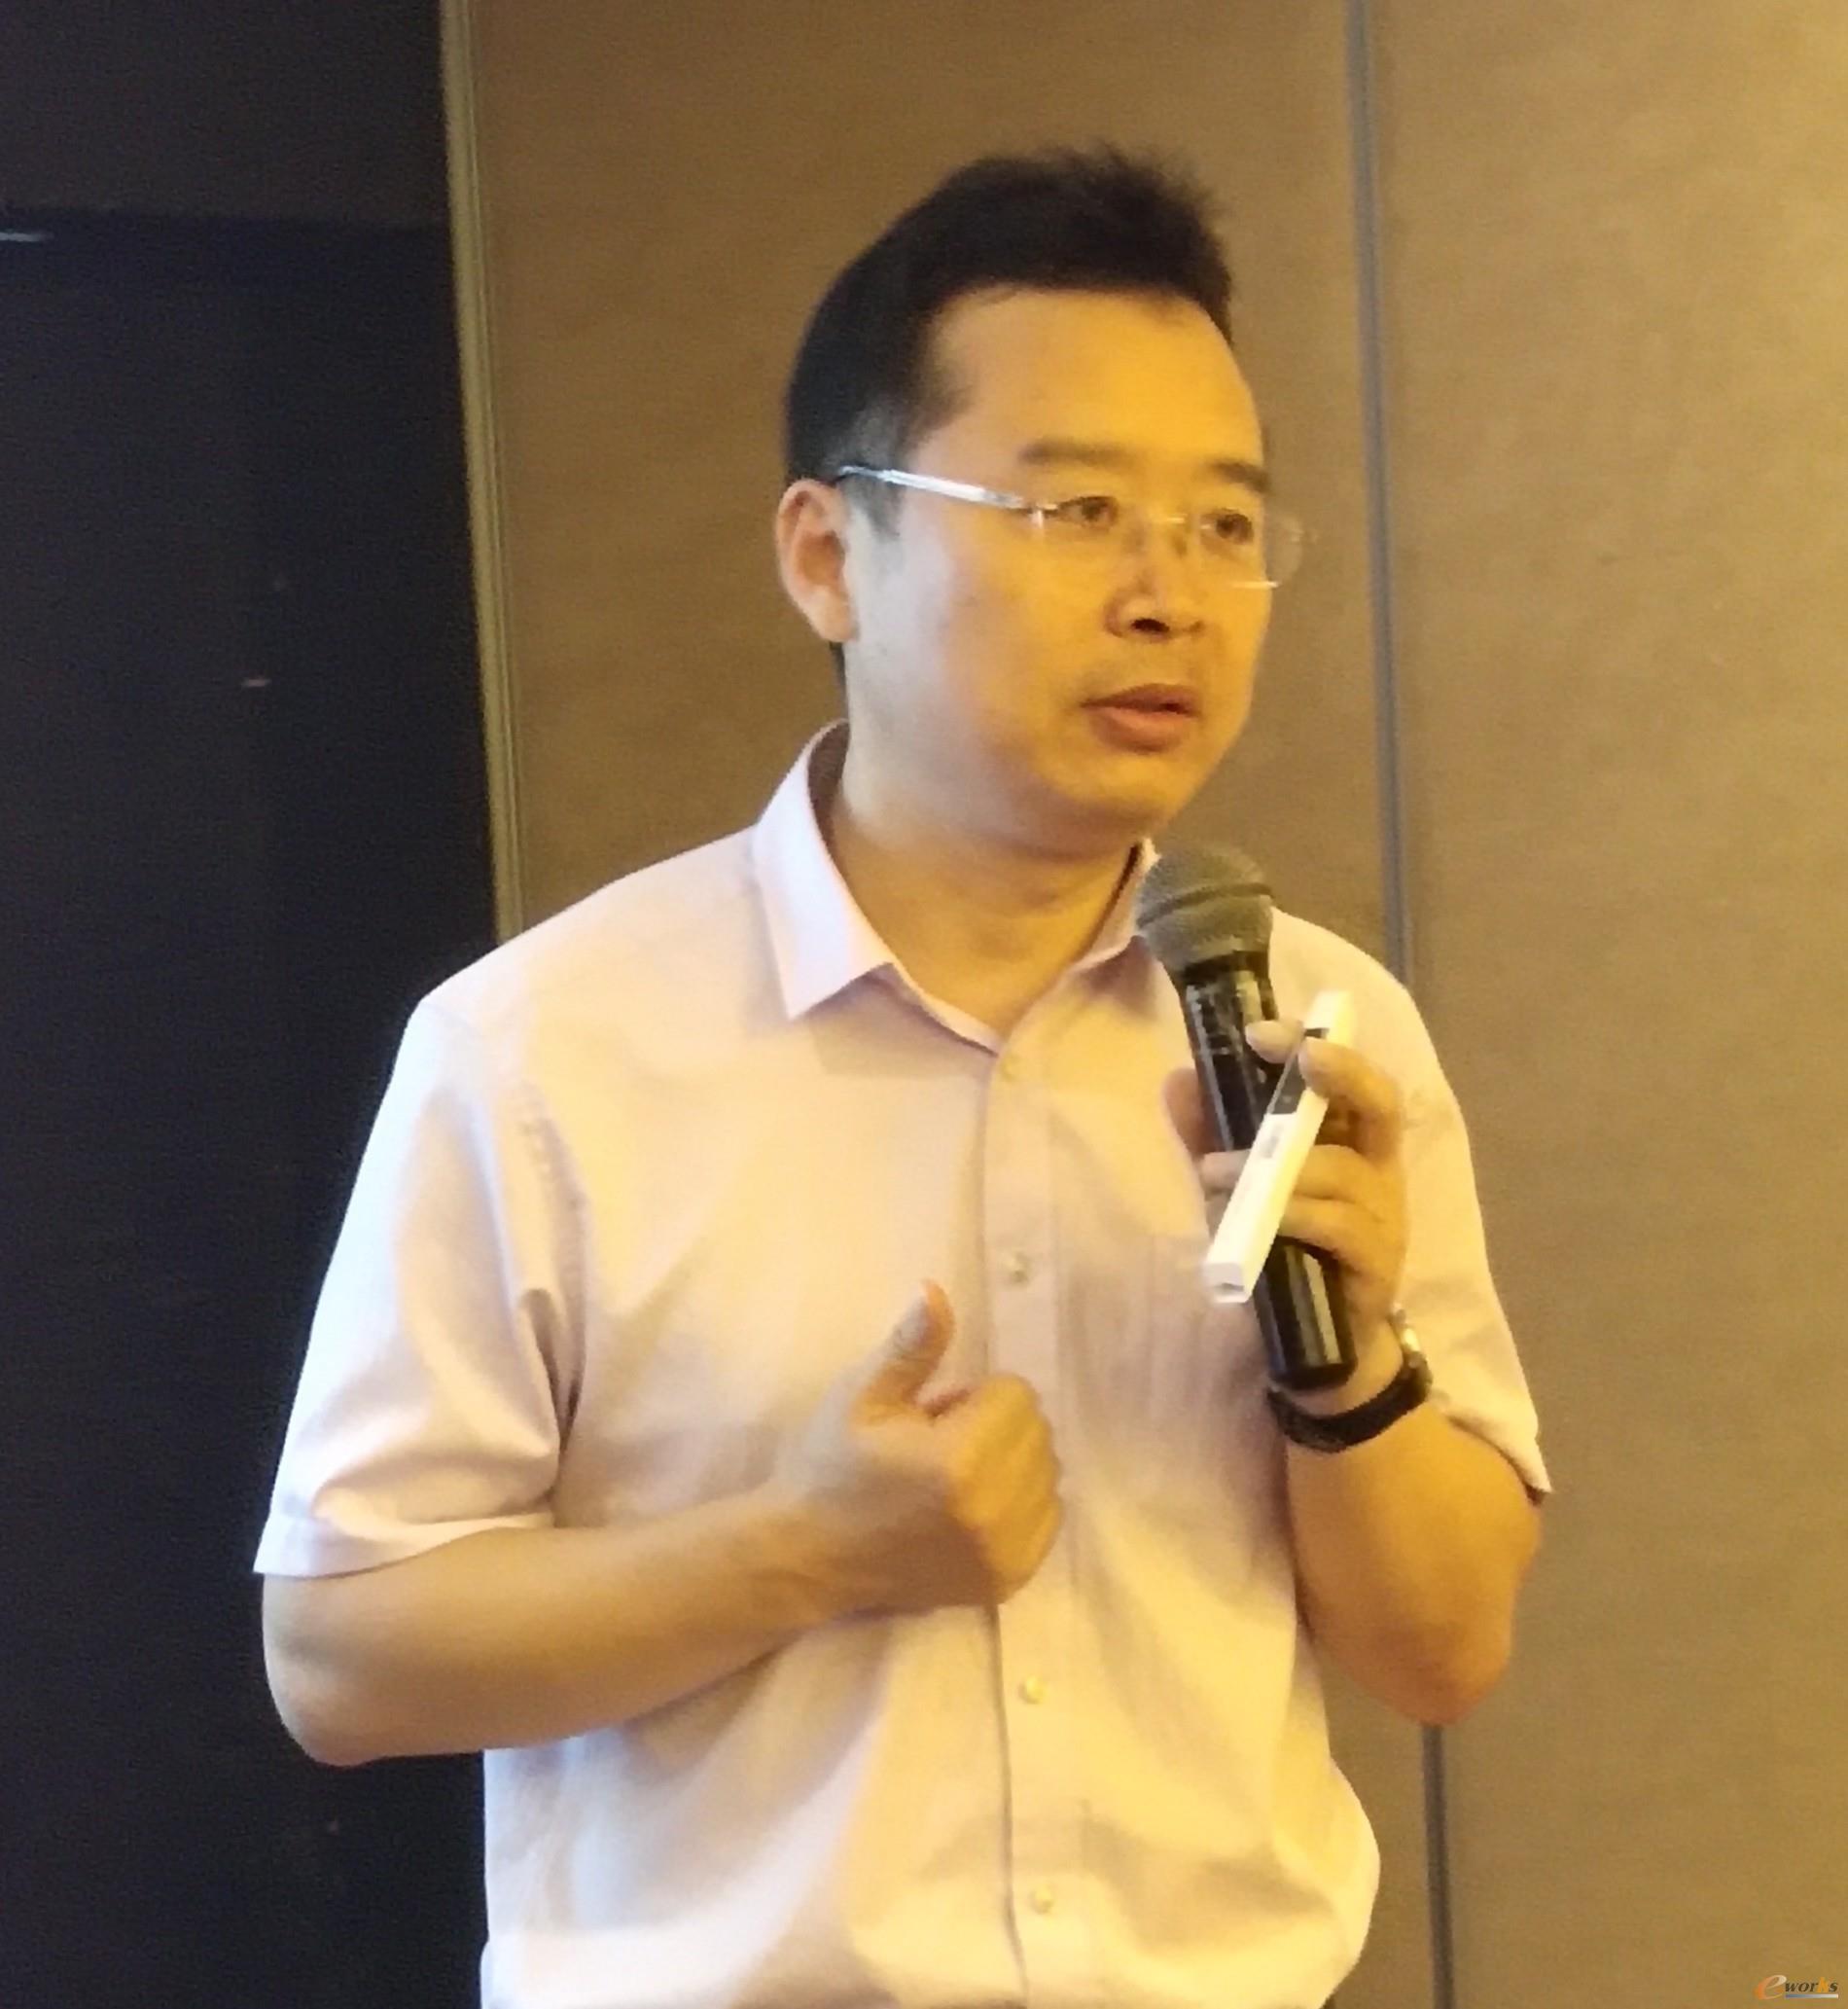 北京兰光创新科技有限公司董事长 朱铎先